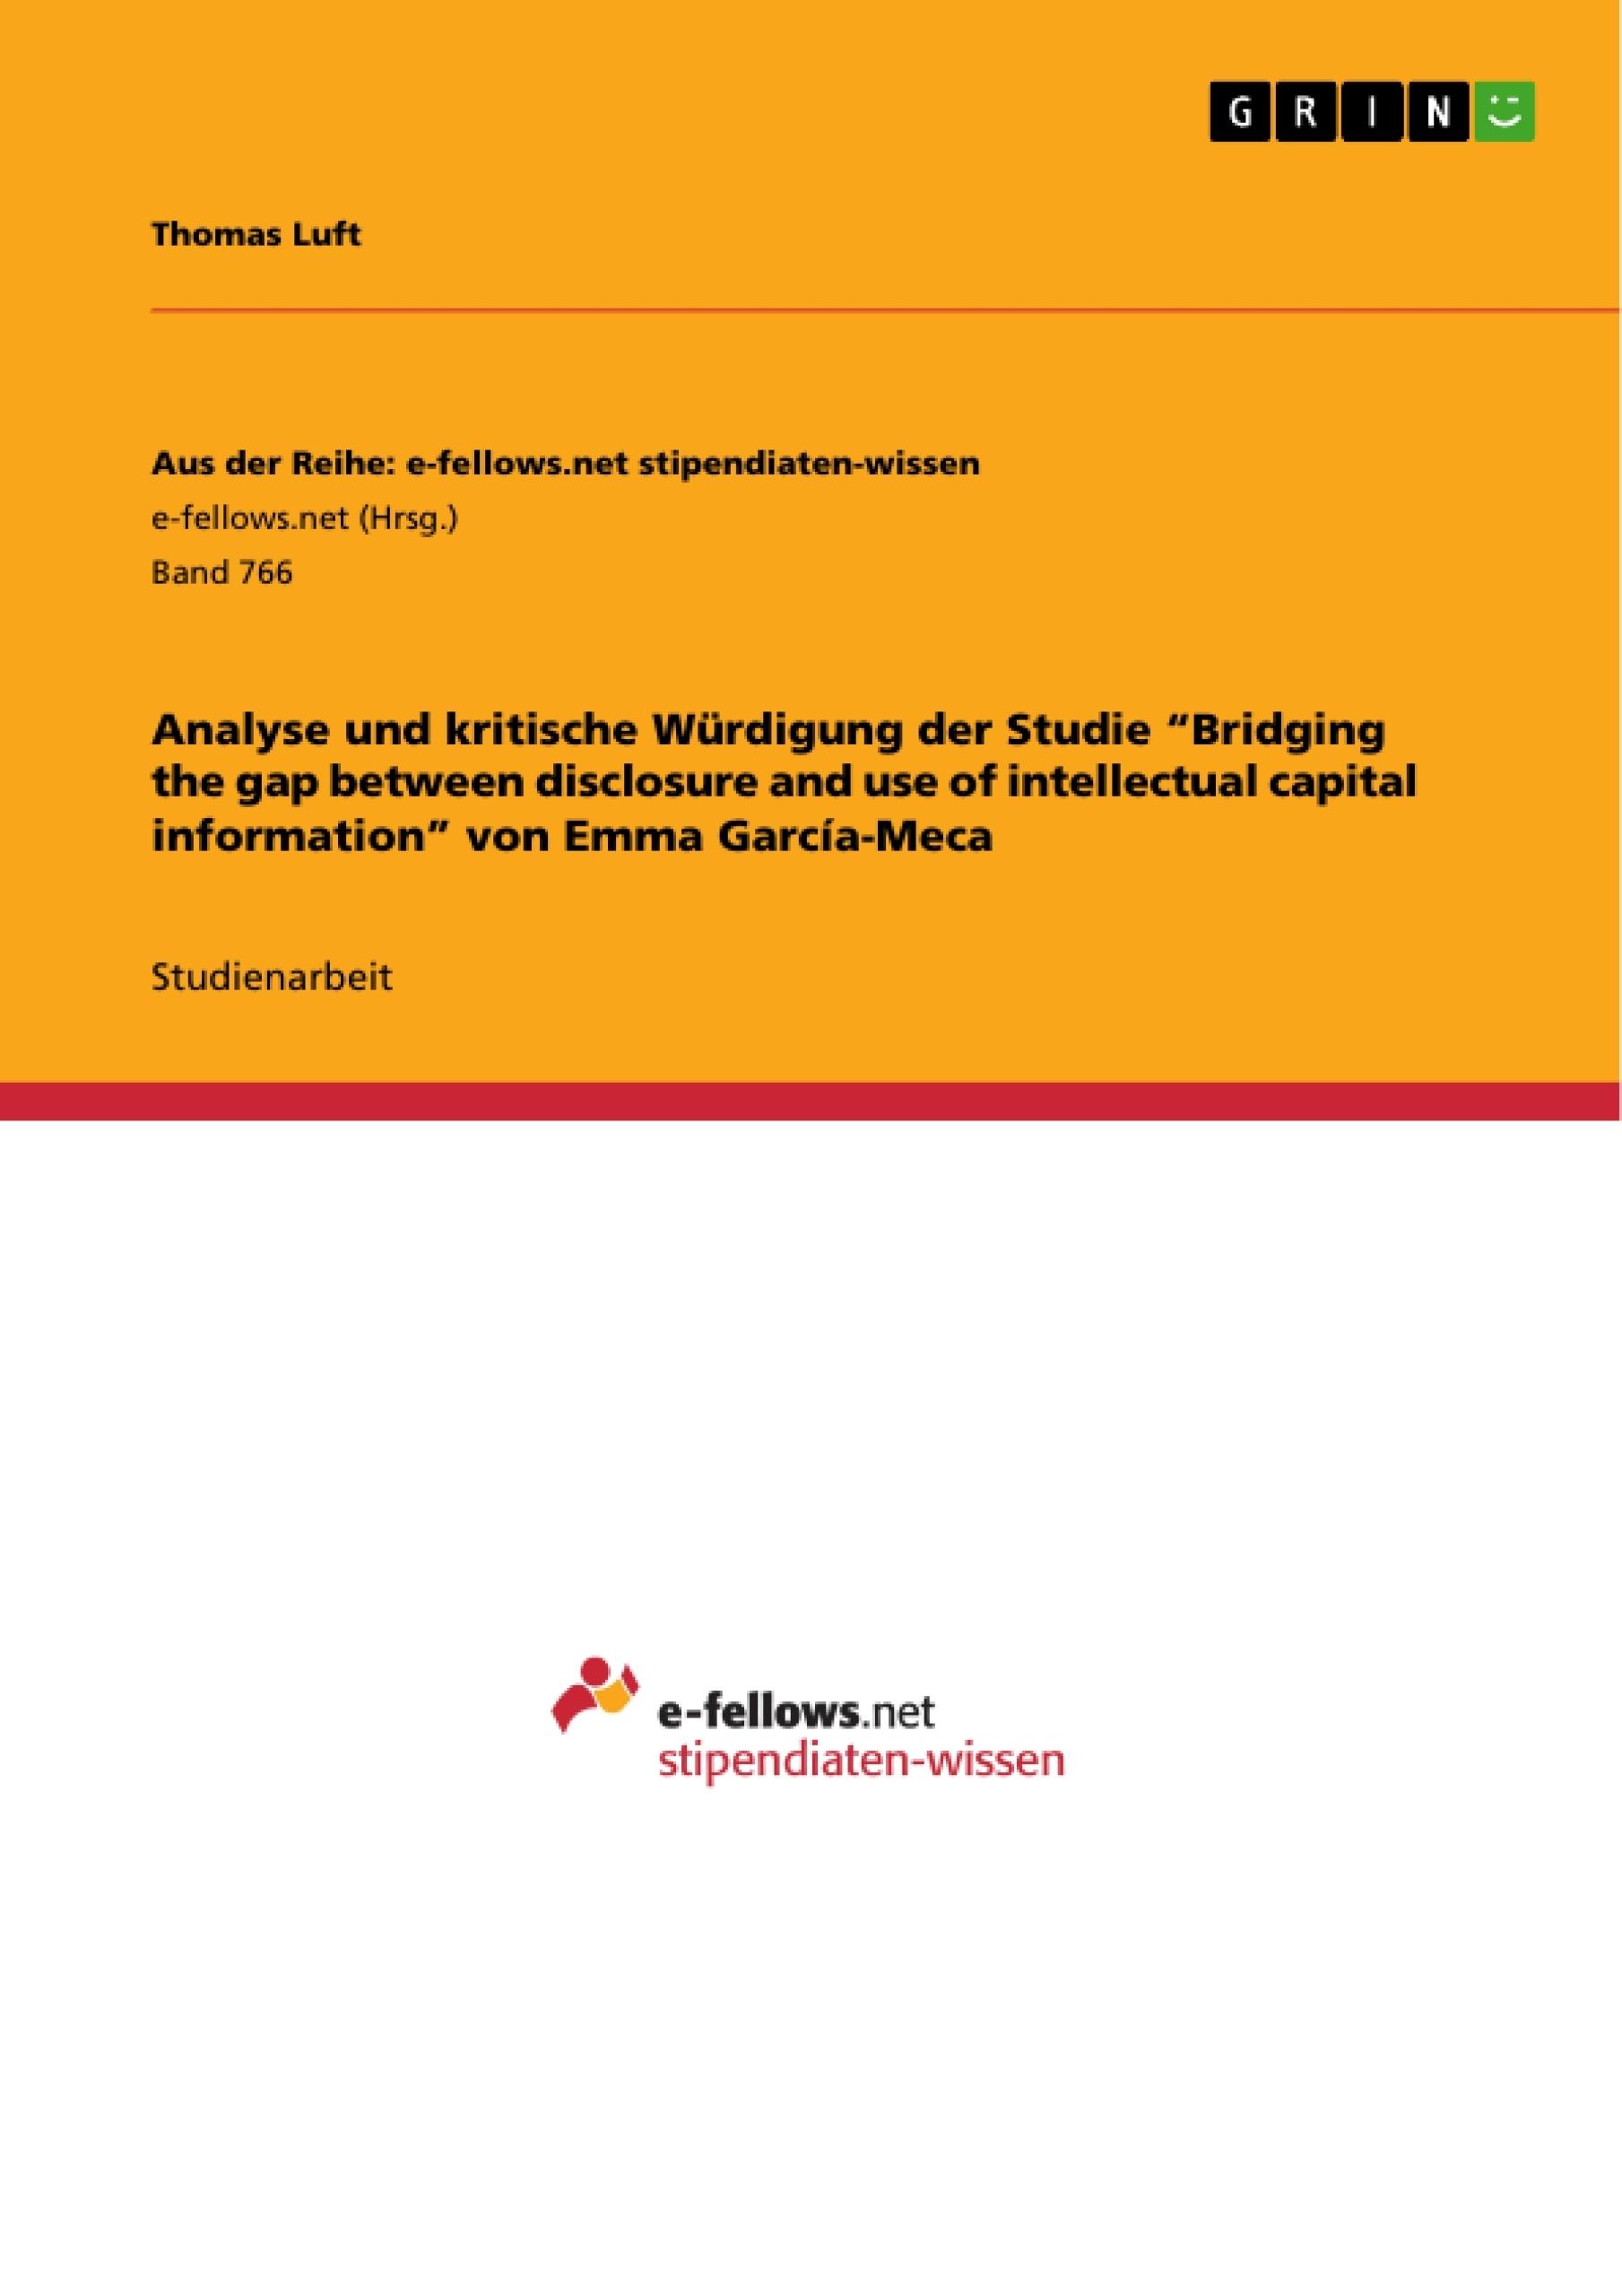 """Titel: Analyse und kritische Würdigung der Studie """"Bridging the gap between disclosure and use of intellectual capital information"""" von Emma García-Meca"""